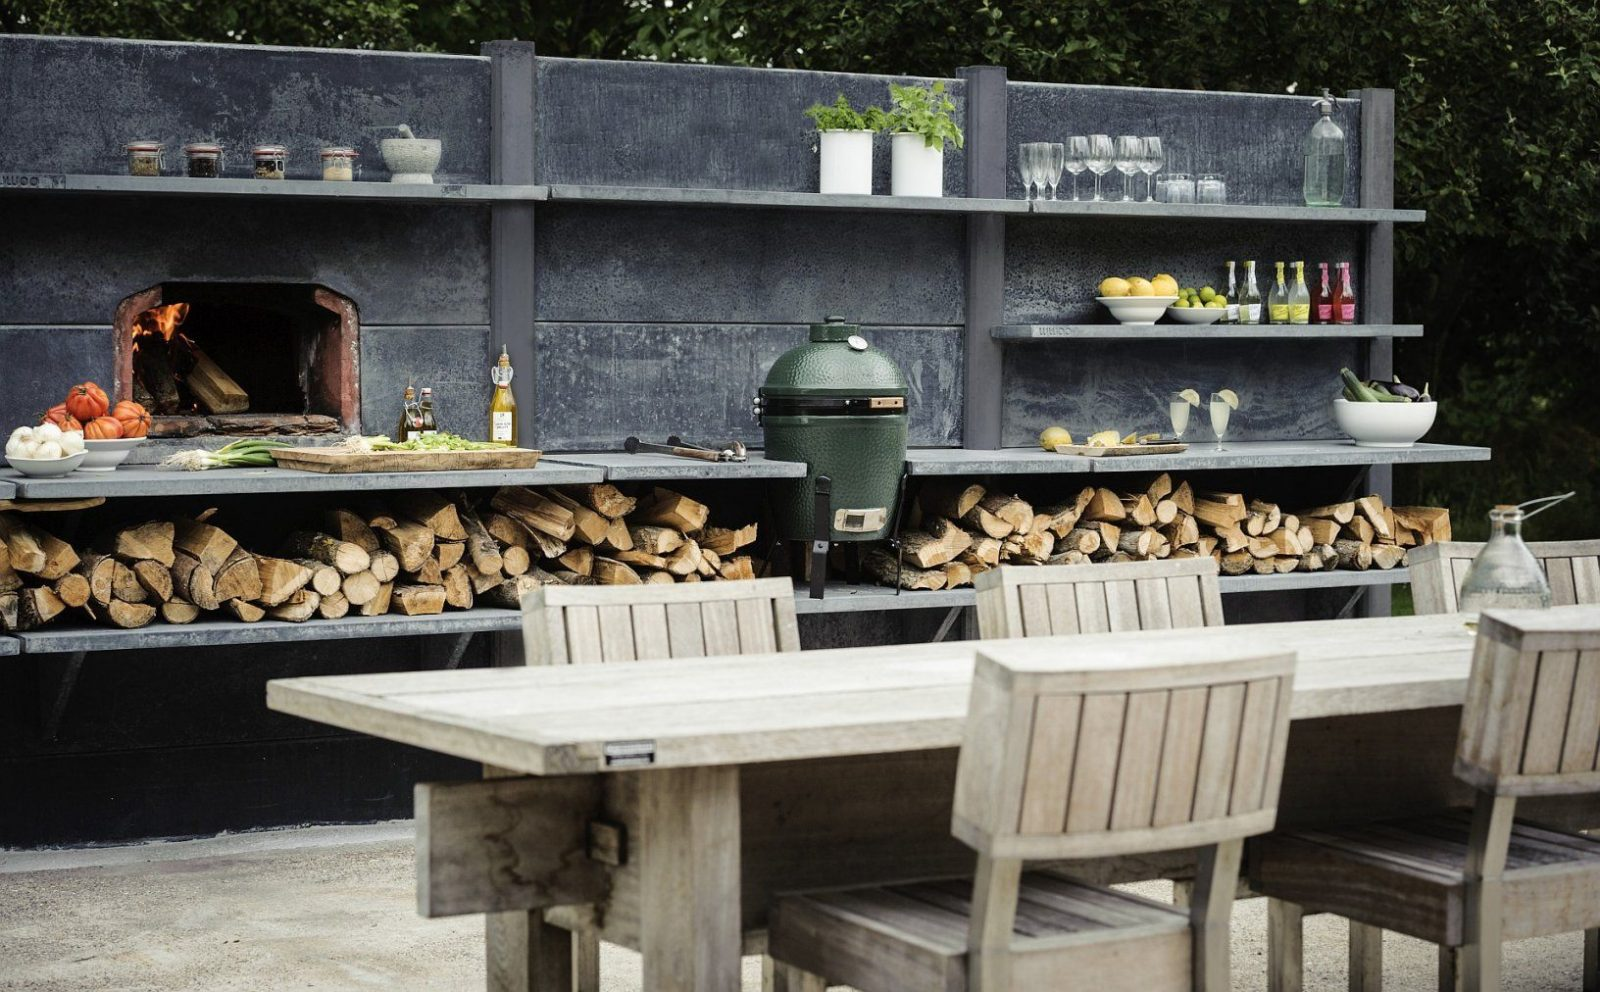 Außenküche Selber Bauen Testsieger : Eine gartenküche selber bauen u tipps von outdoor küche selber